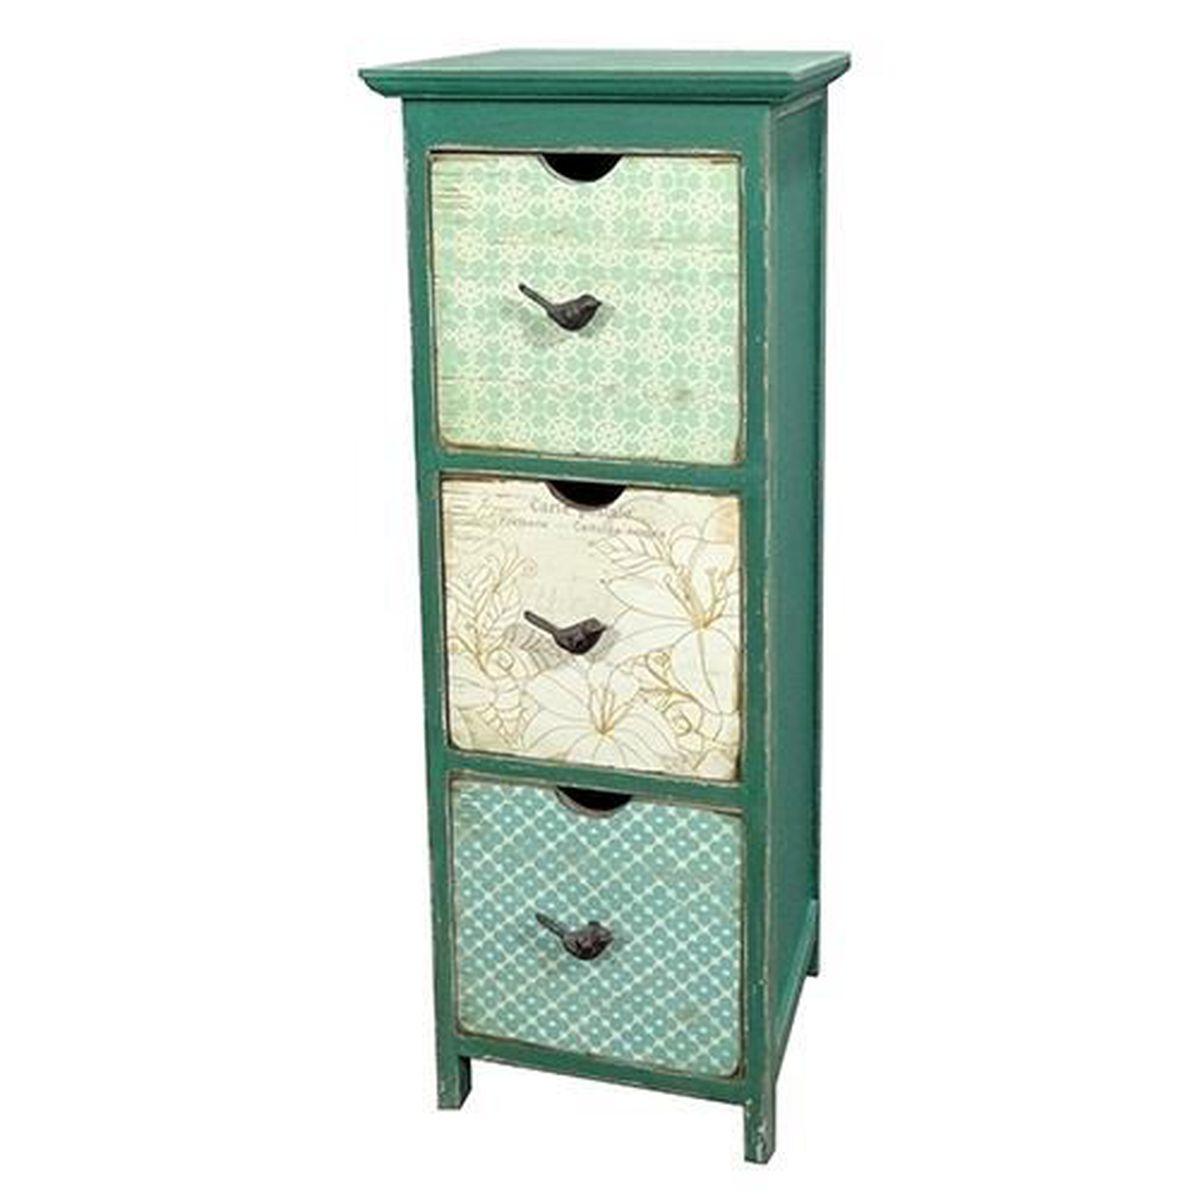 Commode vert papier peint hl160149 achat vente for Papier peint sur meuble